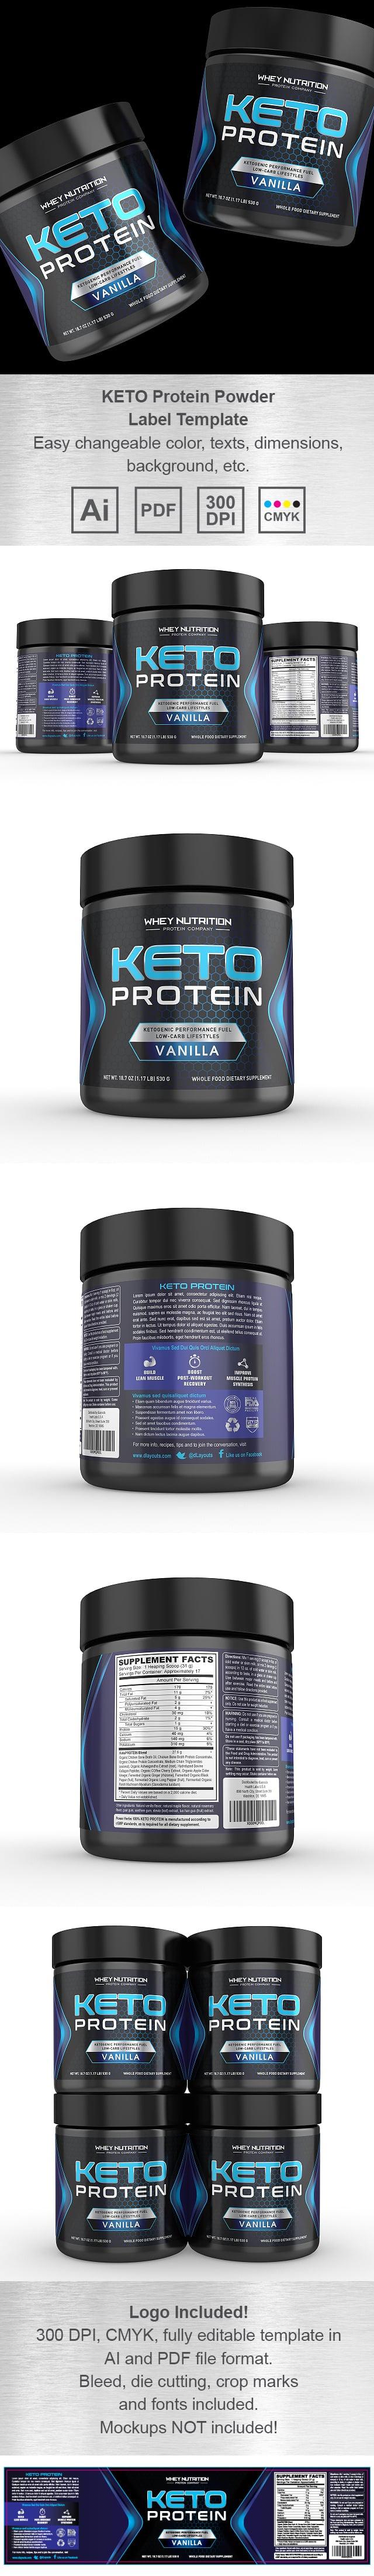 KETO Protein Vanilla Powder Supplement Label Template